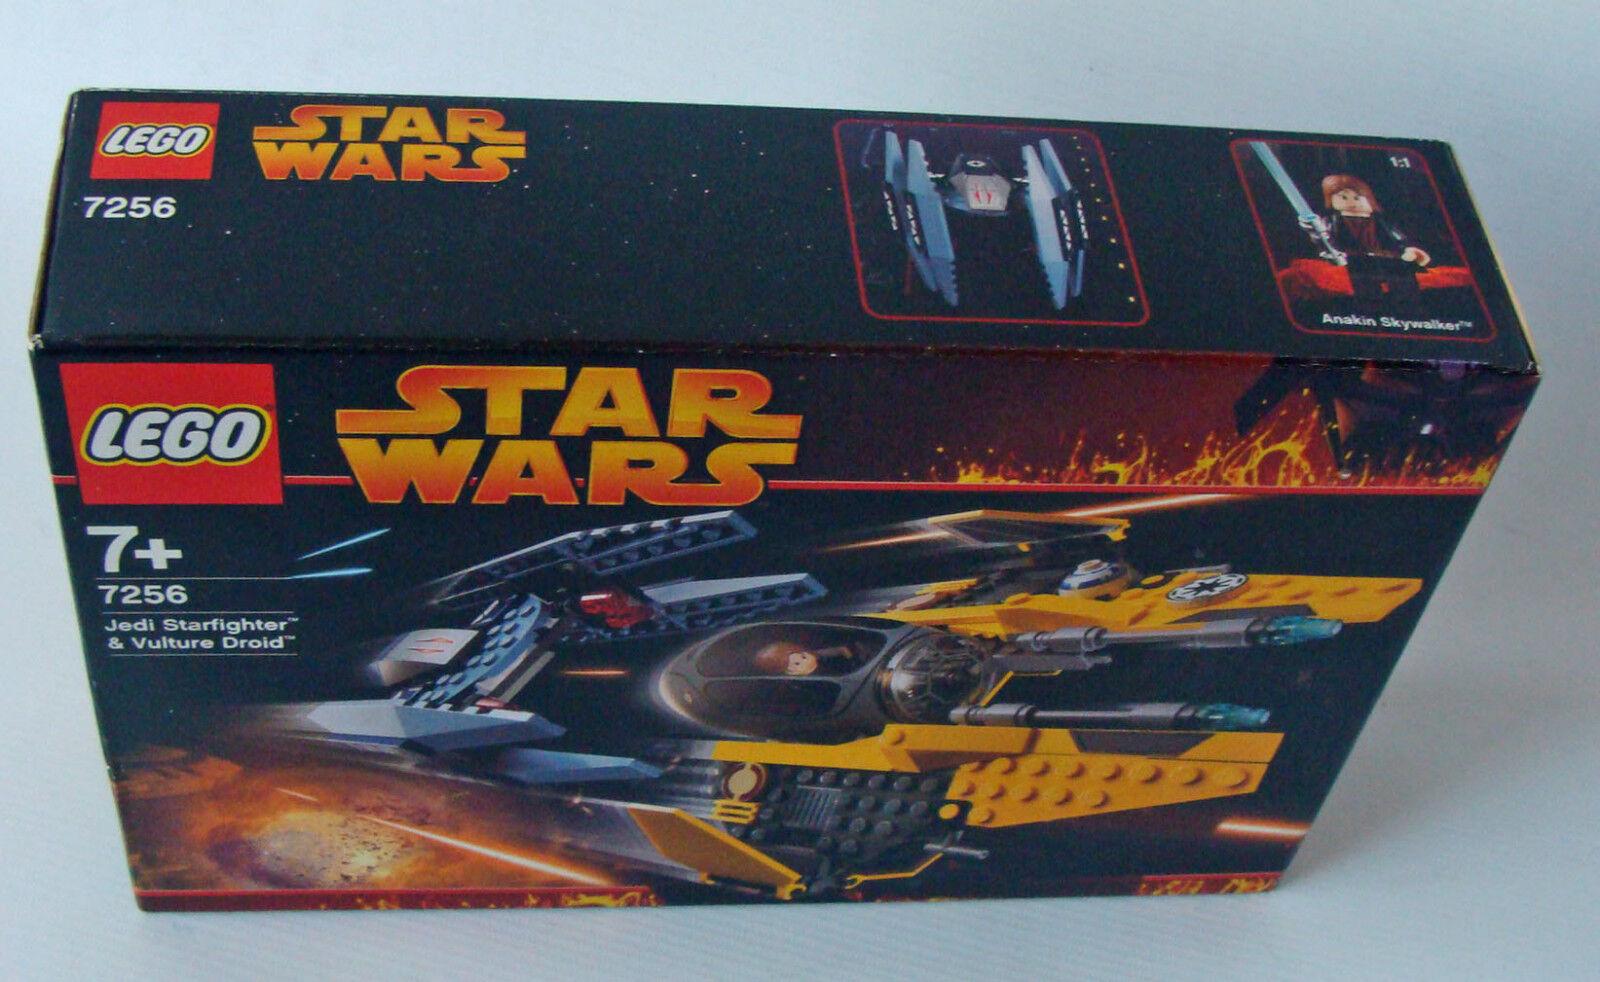 la migliore moda LEGO ® Estrella Guerras Guerras Guerras 7256-Jedi stellari & Vulture Droid 202 parti 7+ NUOVO nuovo  autentico